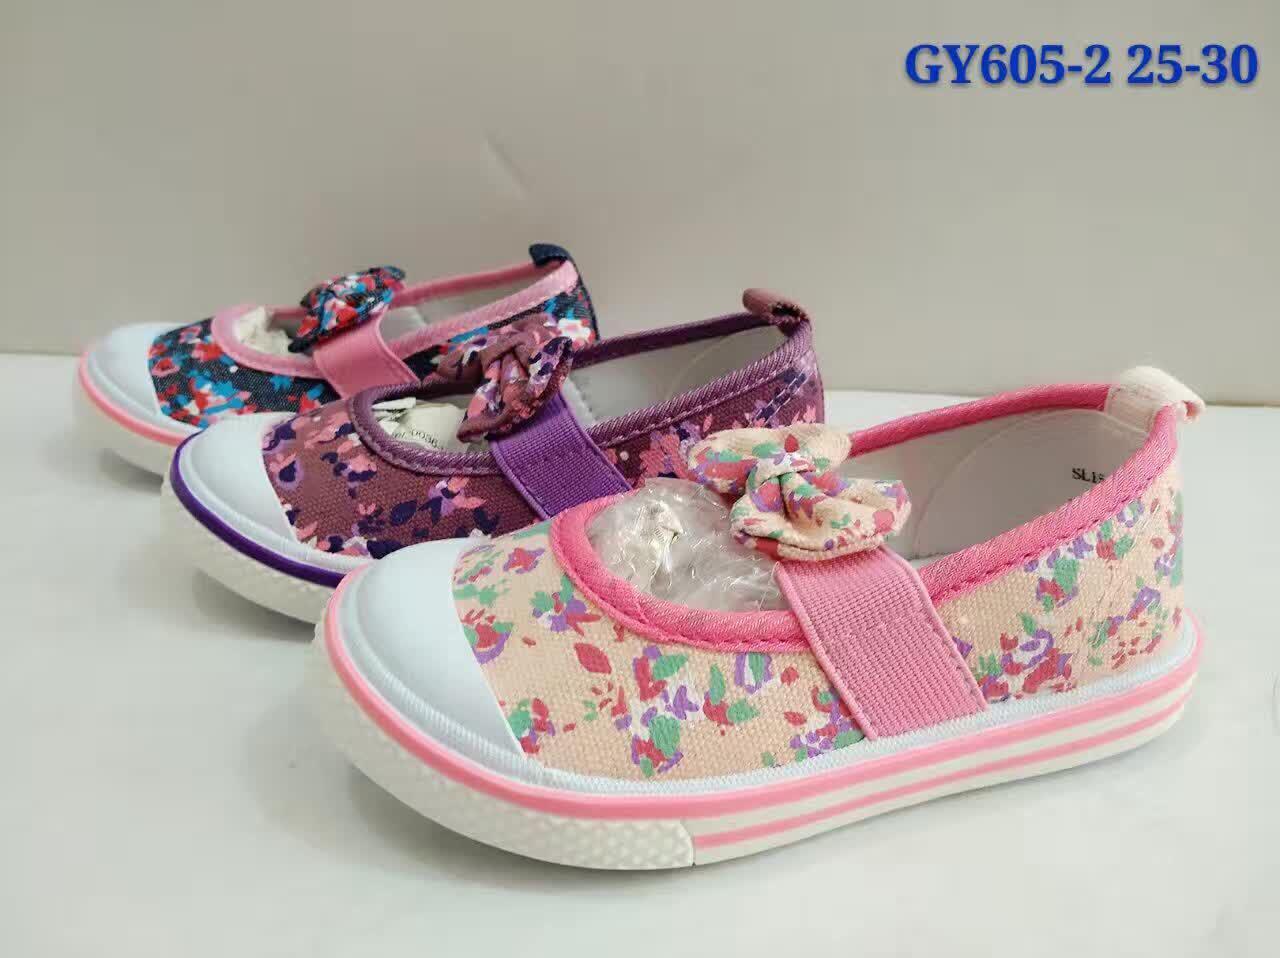 01e323f44 Текстильная обувь для девочек, размеры 25-30., арт. GY605-2, цена ...